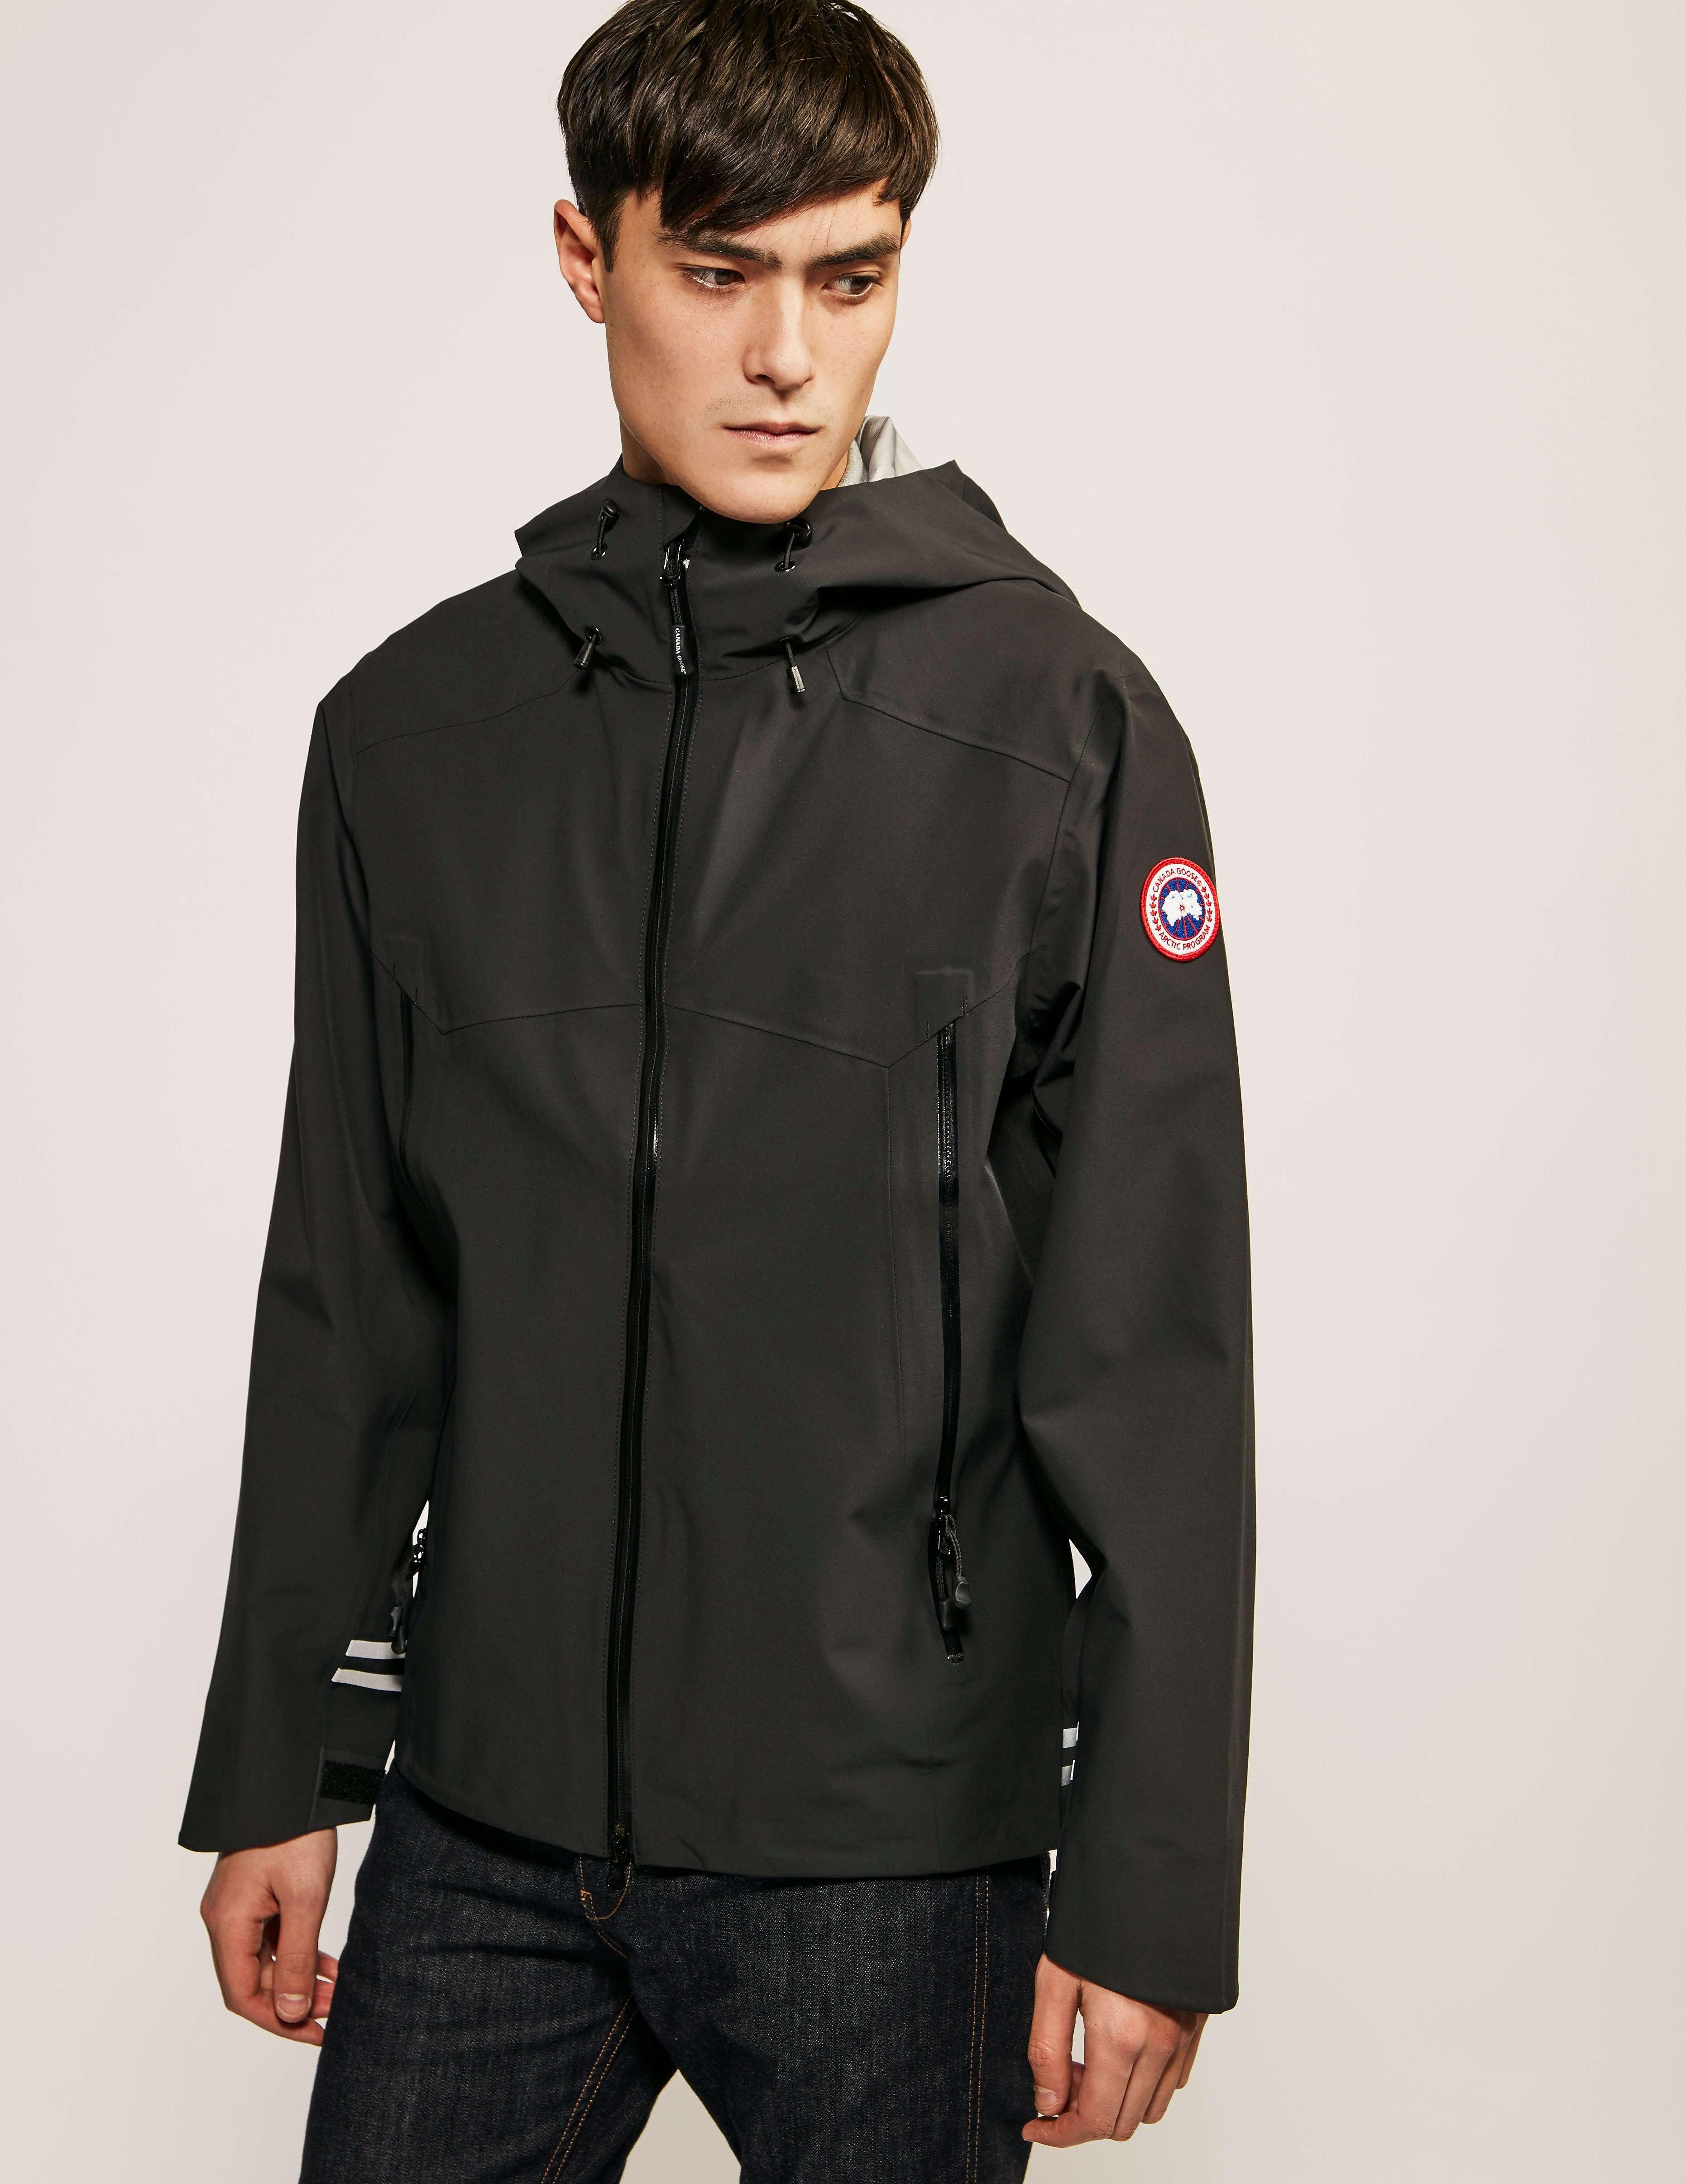 17ccaa22c8a Canada Goose Canyon Shell Jacket - Men s Medium - Black